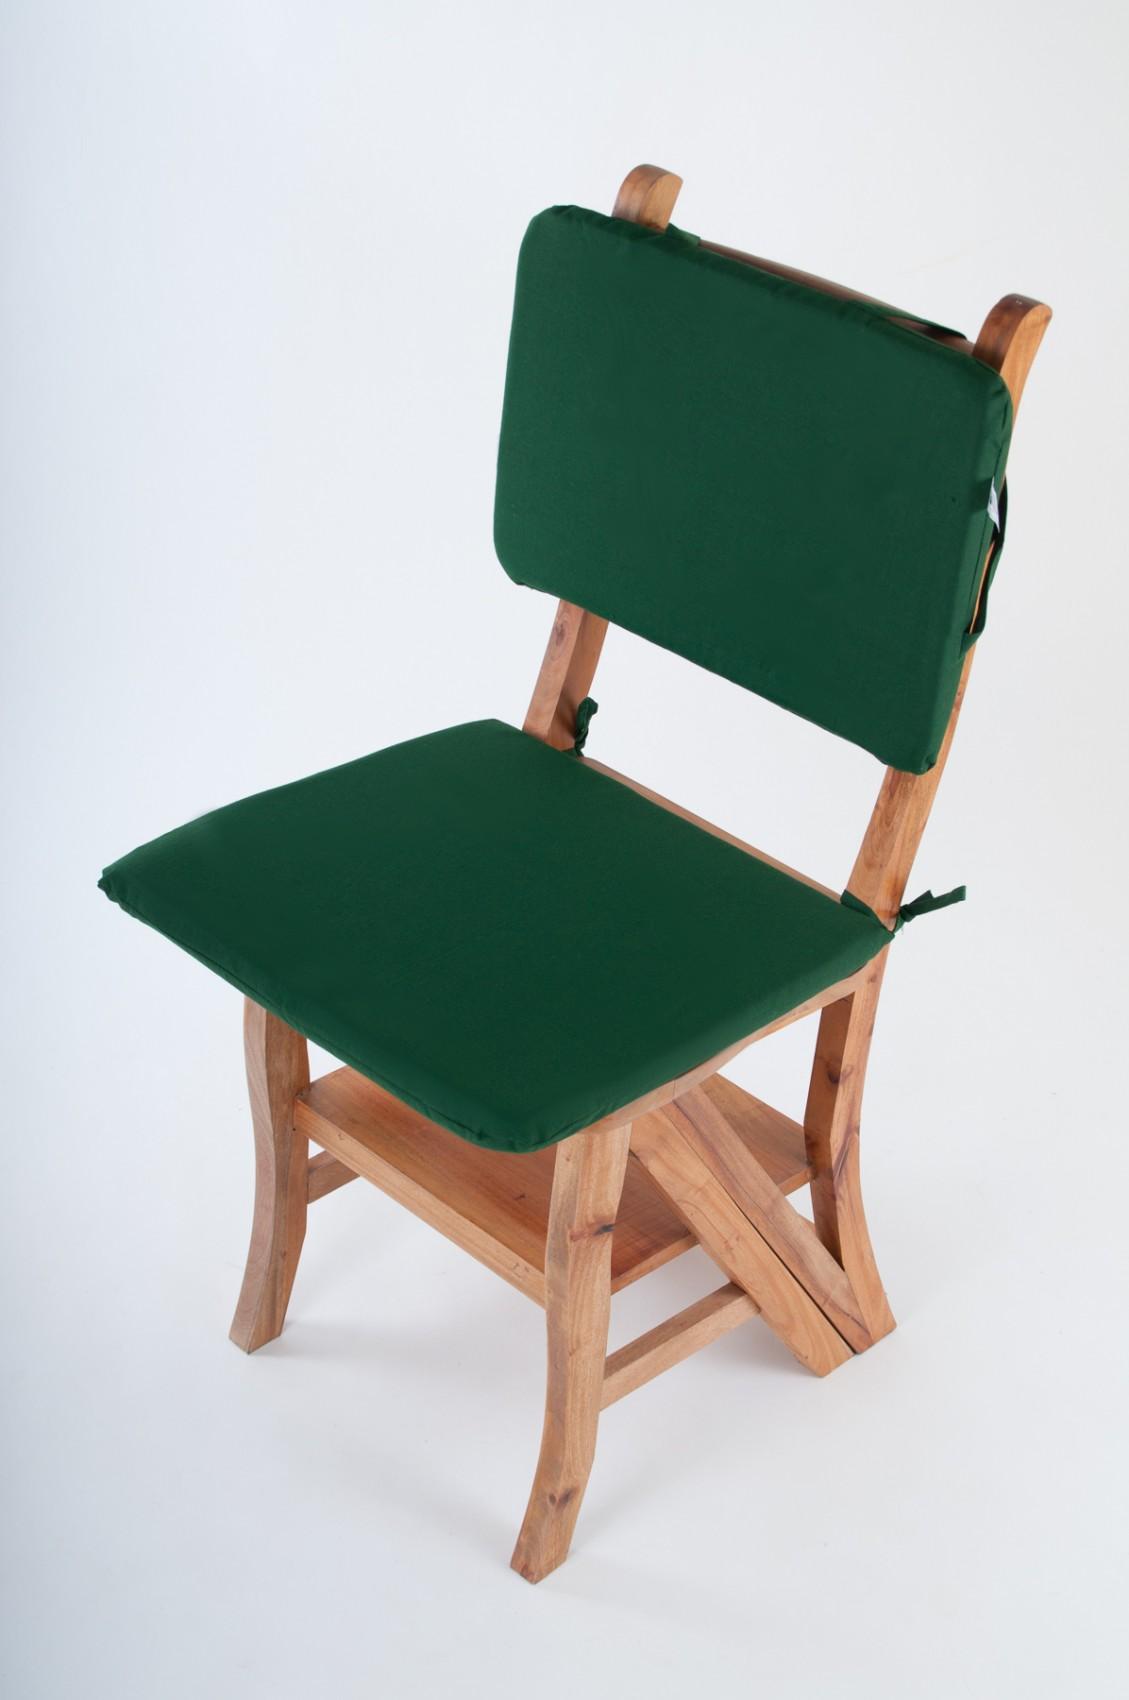 auflagenset gartenstuhlauflage sitzkissen stuhlkissen sitzpolster m b ndern neu ebay. Black Bedroom Furniture Sets. Home Design Ideas